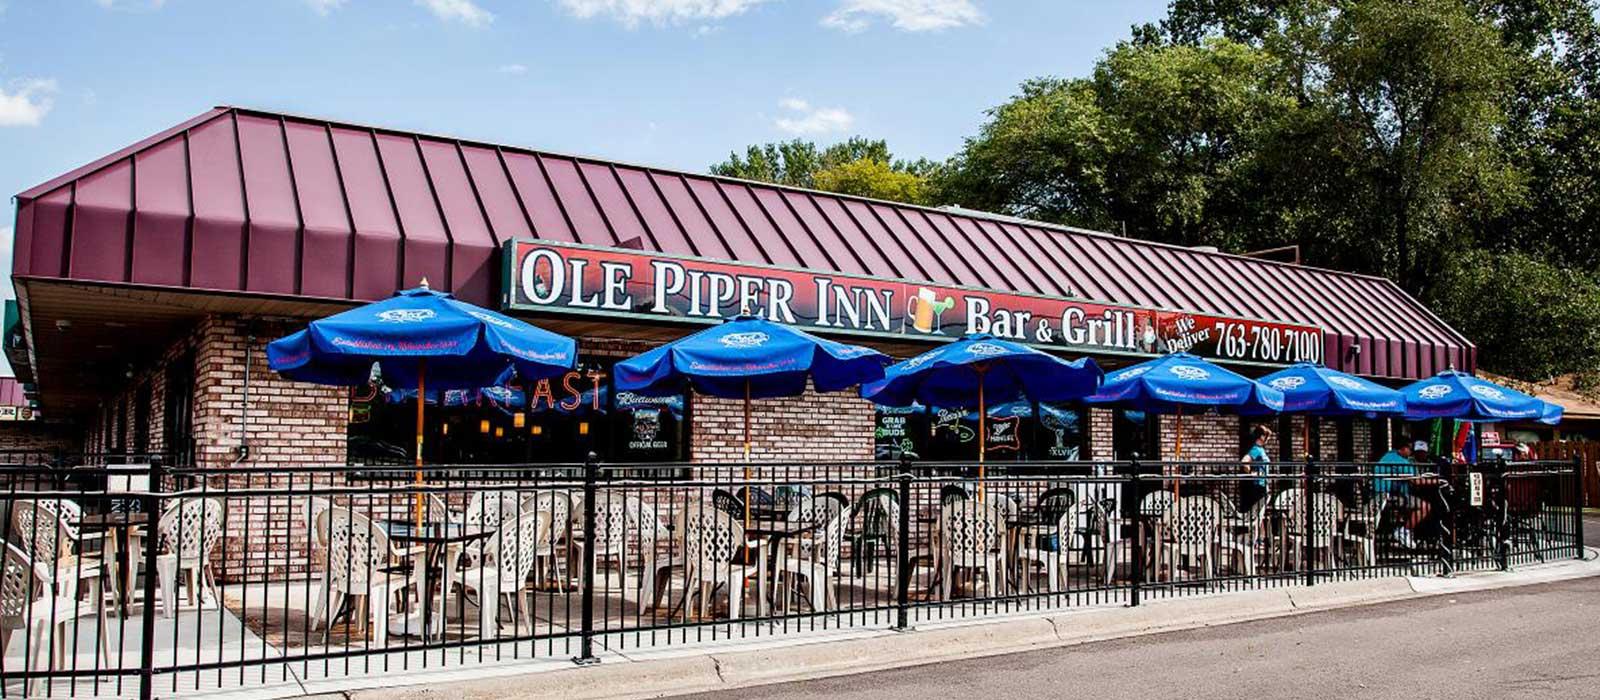 Ole Piper Inn